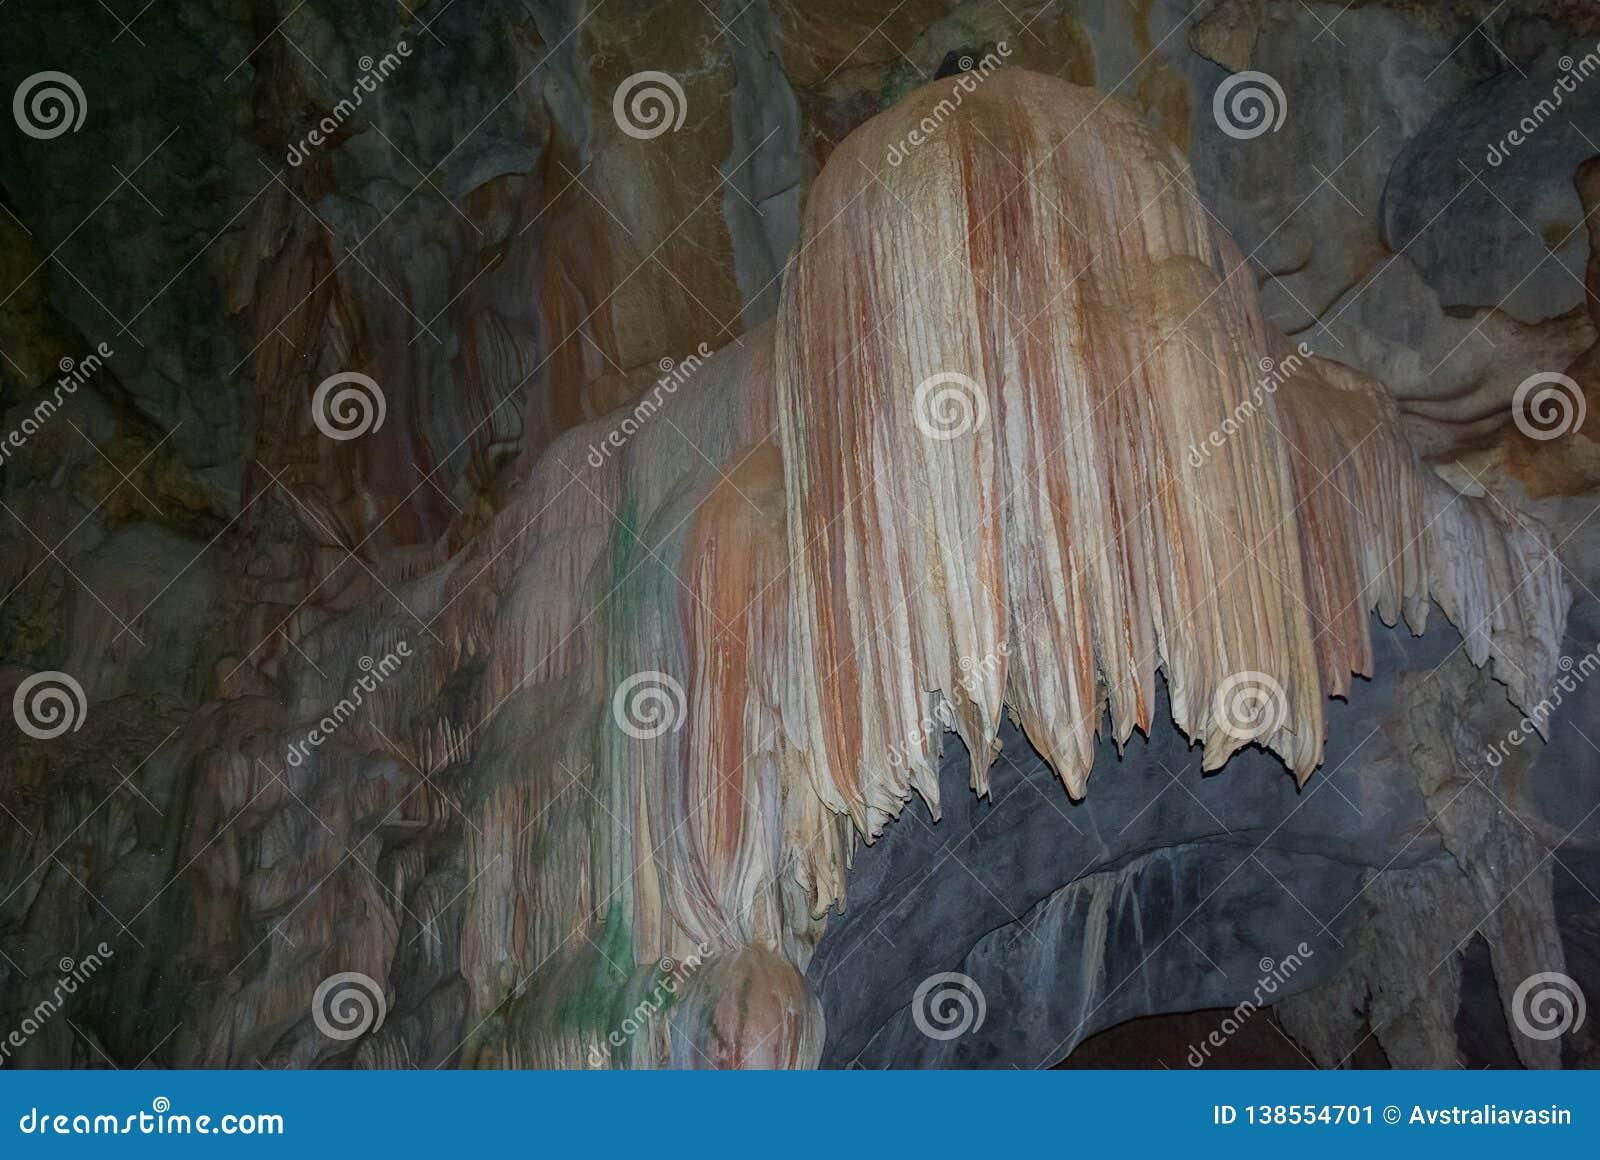 Karsthöhle, -Stalaktiten und -Stalagmite in einer Höhle